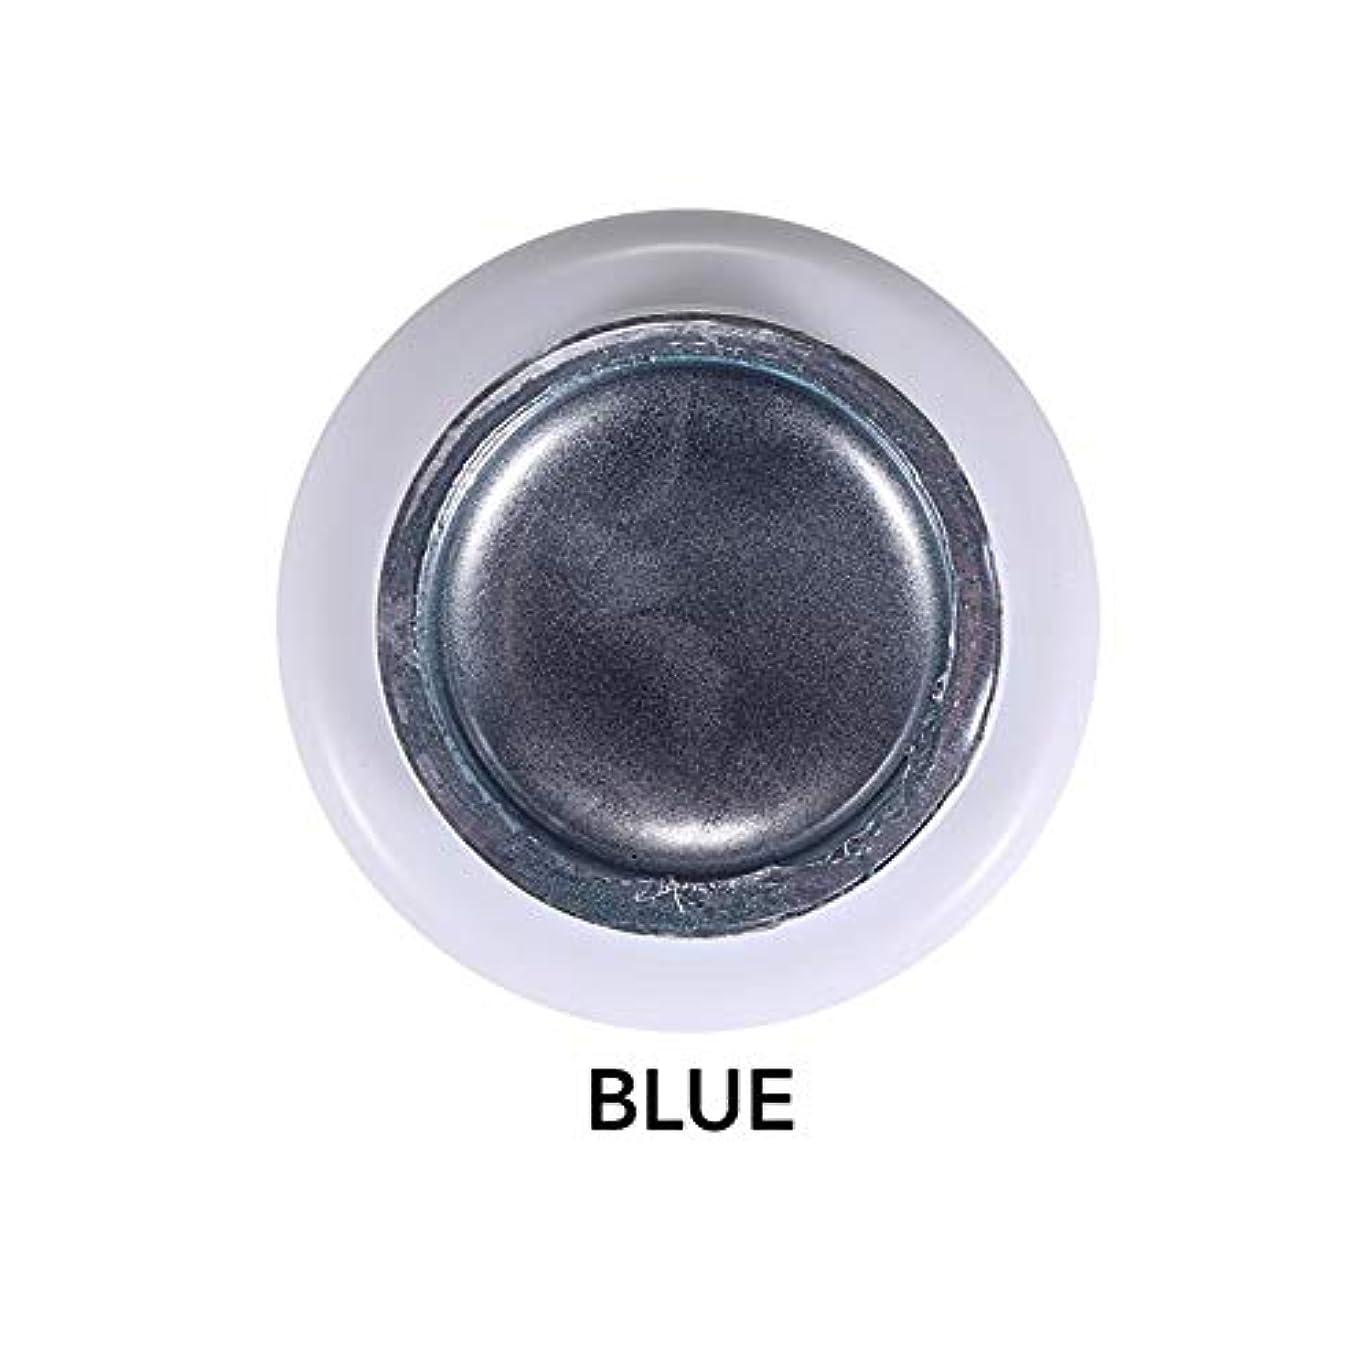 保持ぼかし広範囲ネイルグルー ジェルネイルグルー 金属ネイルグルー ネイル塗装グルー ミラーメタル塗装プラスチックプルラインネイルポリッシュラバープルライン花和風ネイル光線療法6色